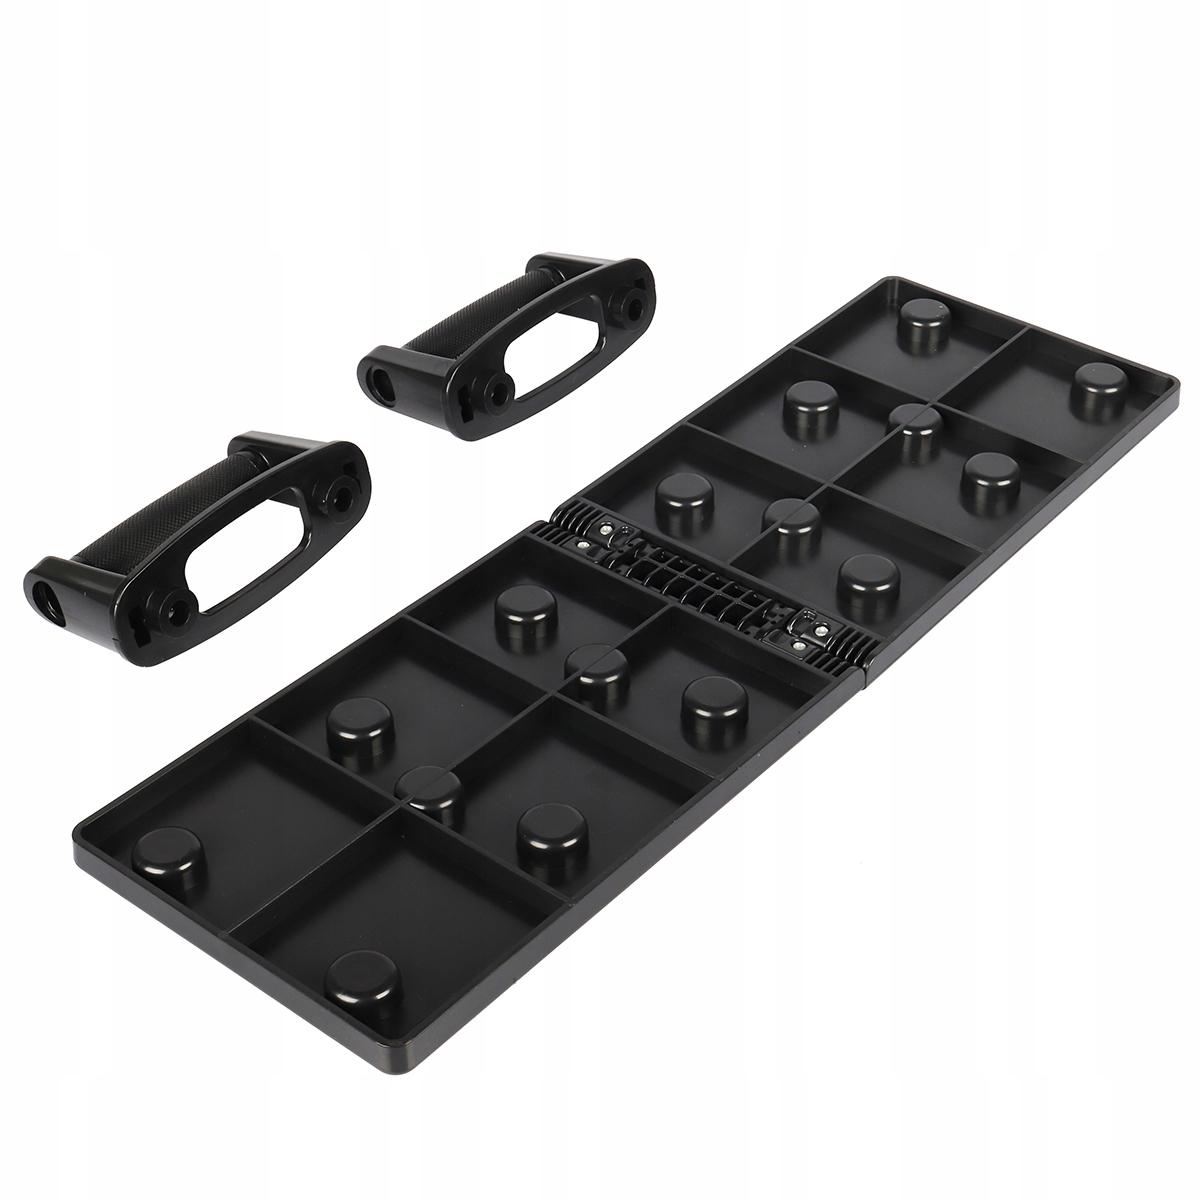 Ručke za ploče za pumpe za vježbanje Push-Up Podržava materijal plastika